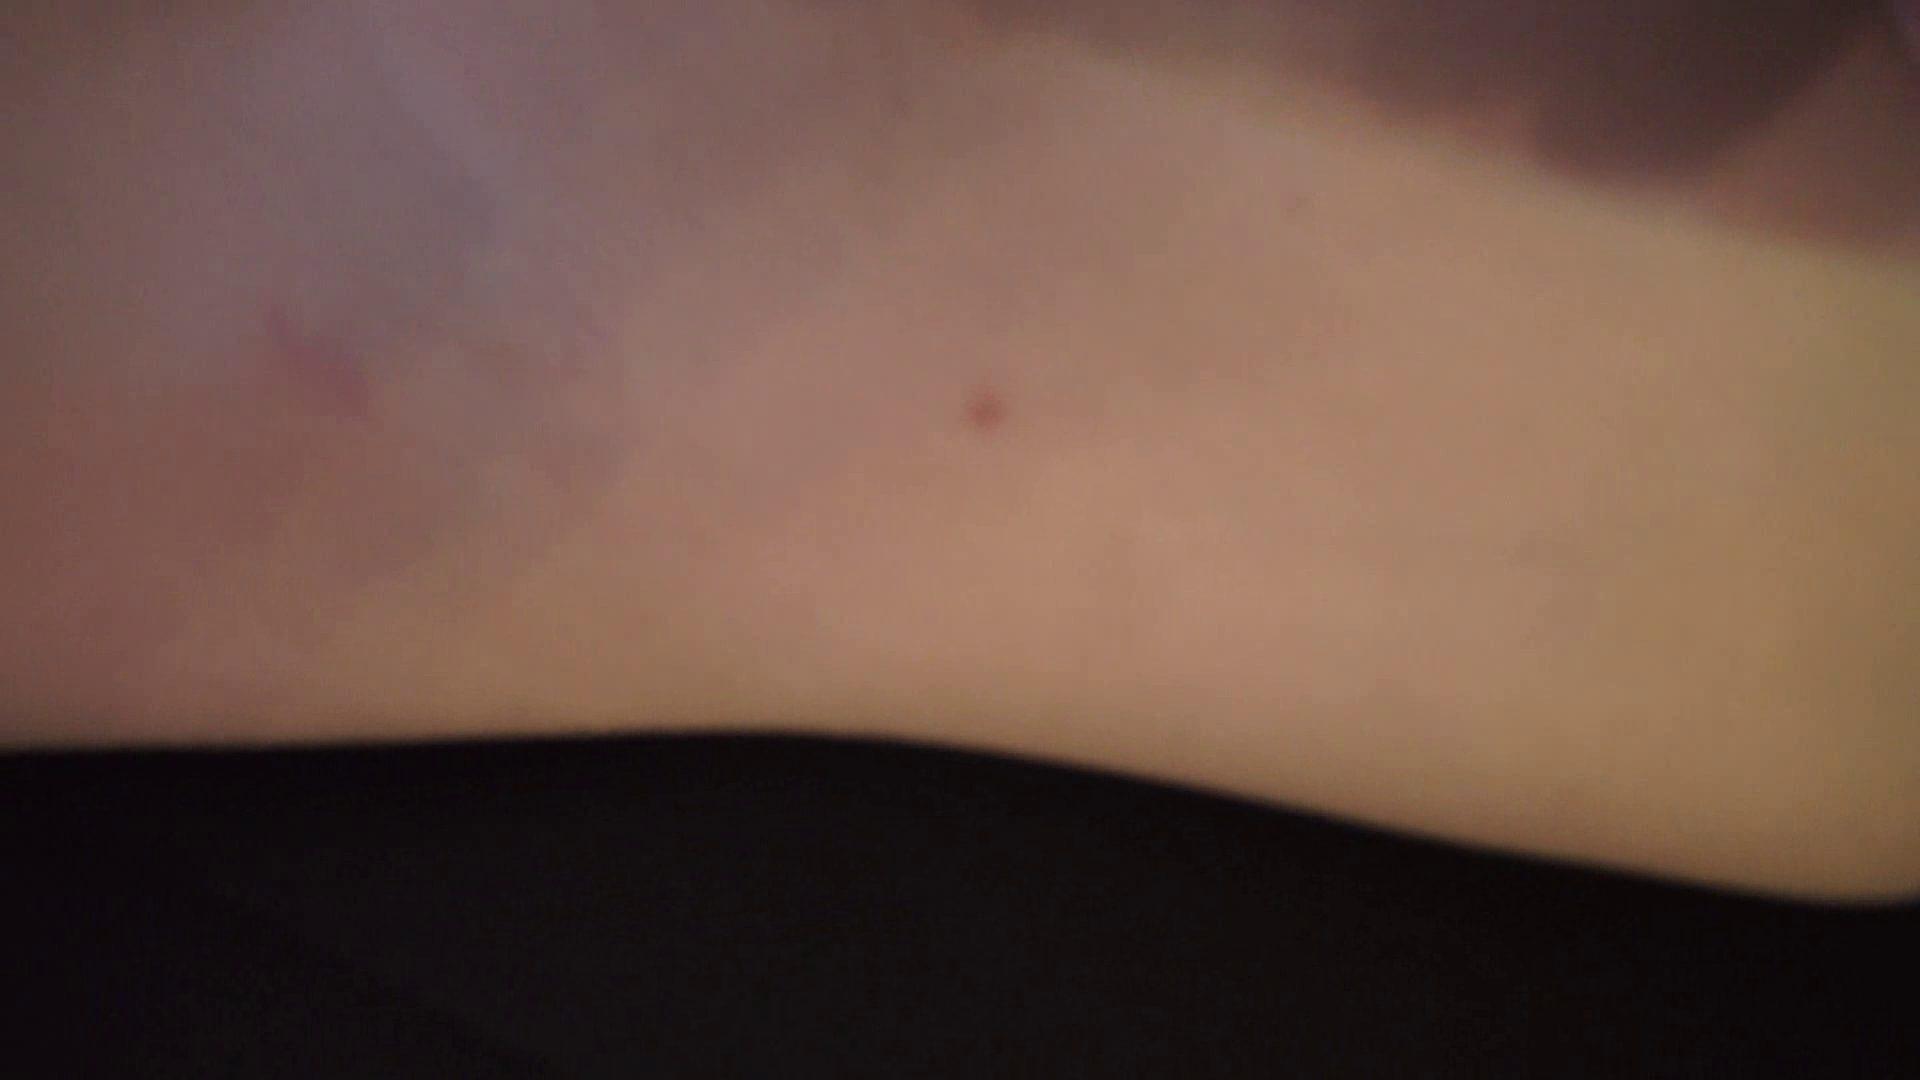 vol.7 夏実ちゃんの汗まみれの腋をベロベロ舐めるTKSさん OL  104pic 29